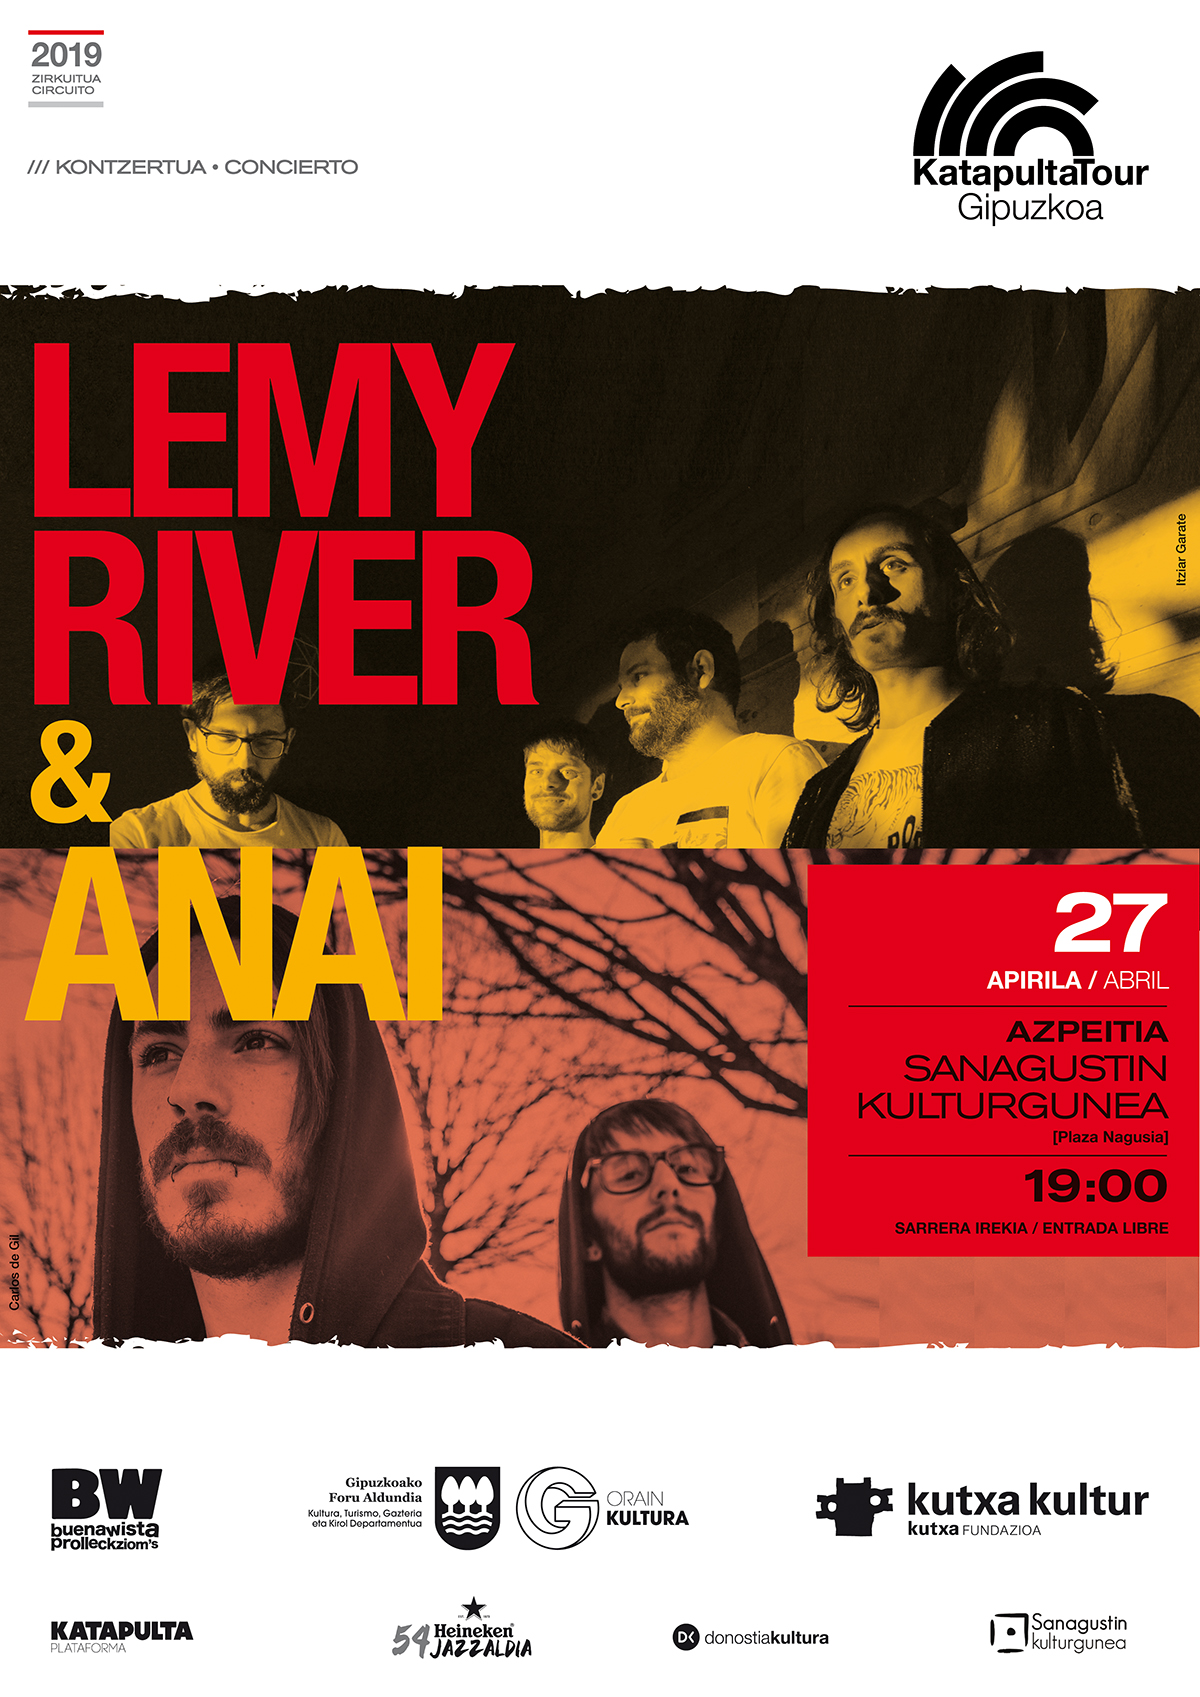 Lemy River + Anai